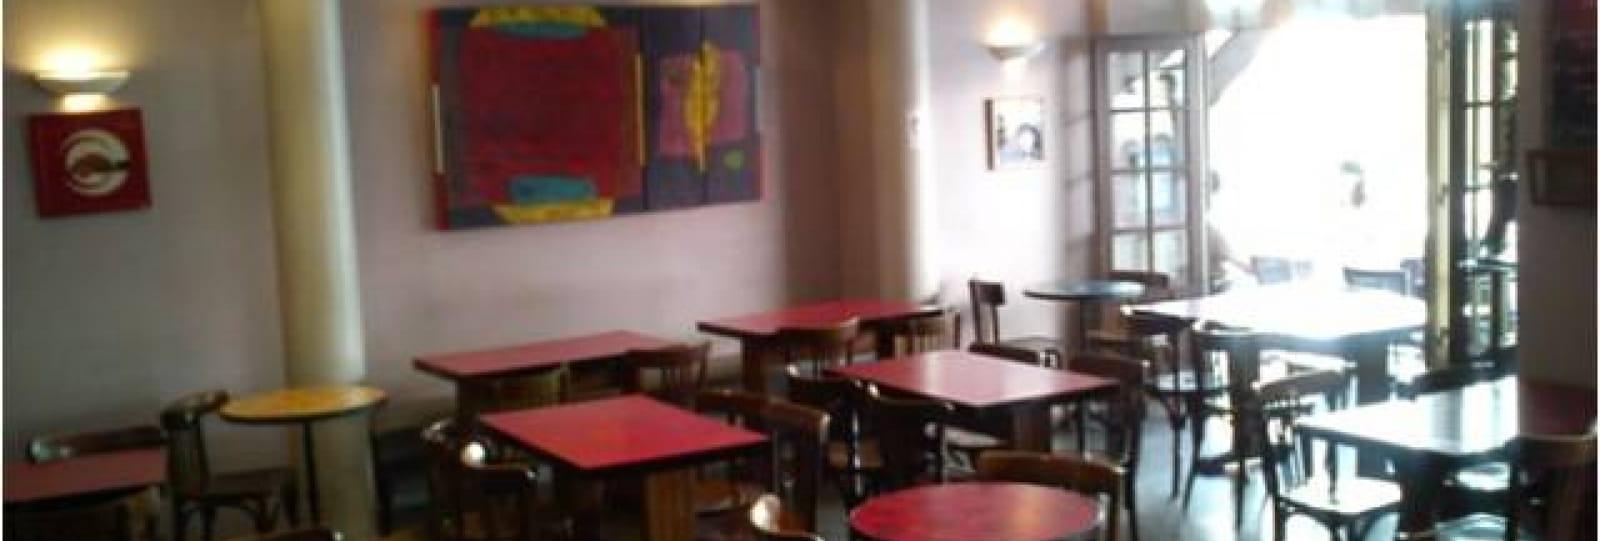 Café Restaurant Le Globe